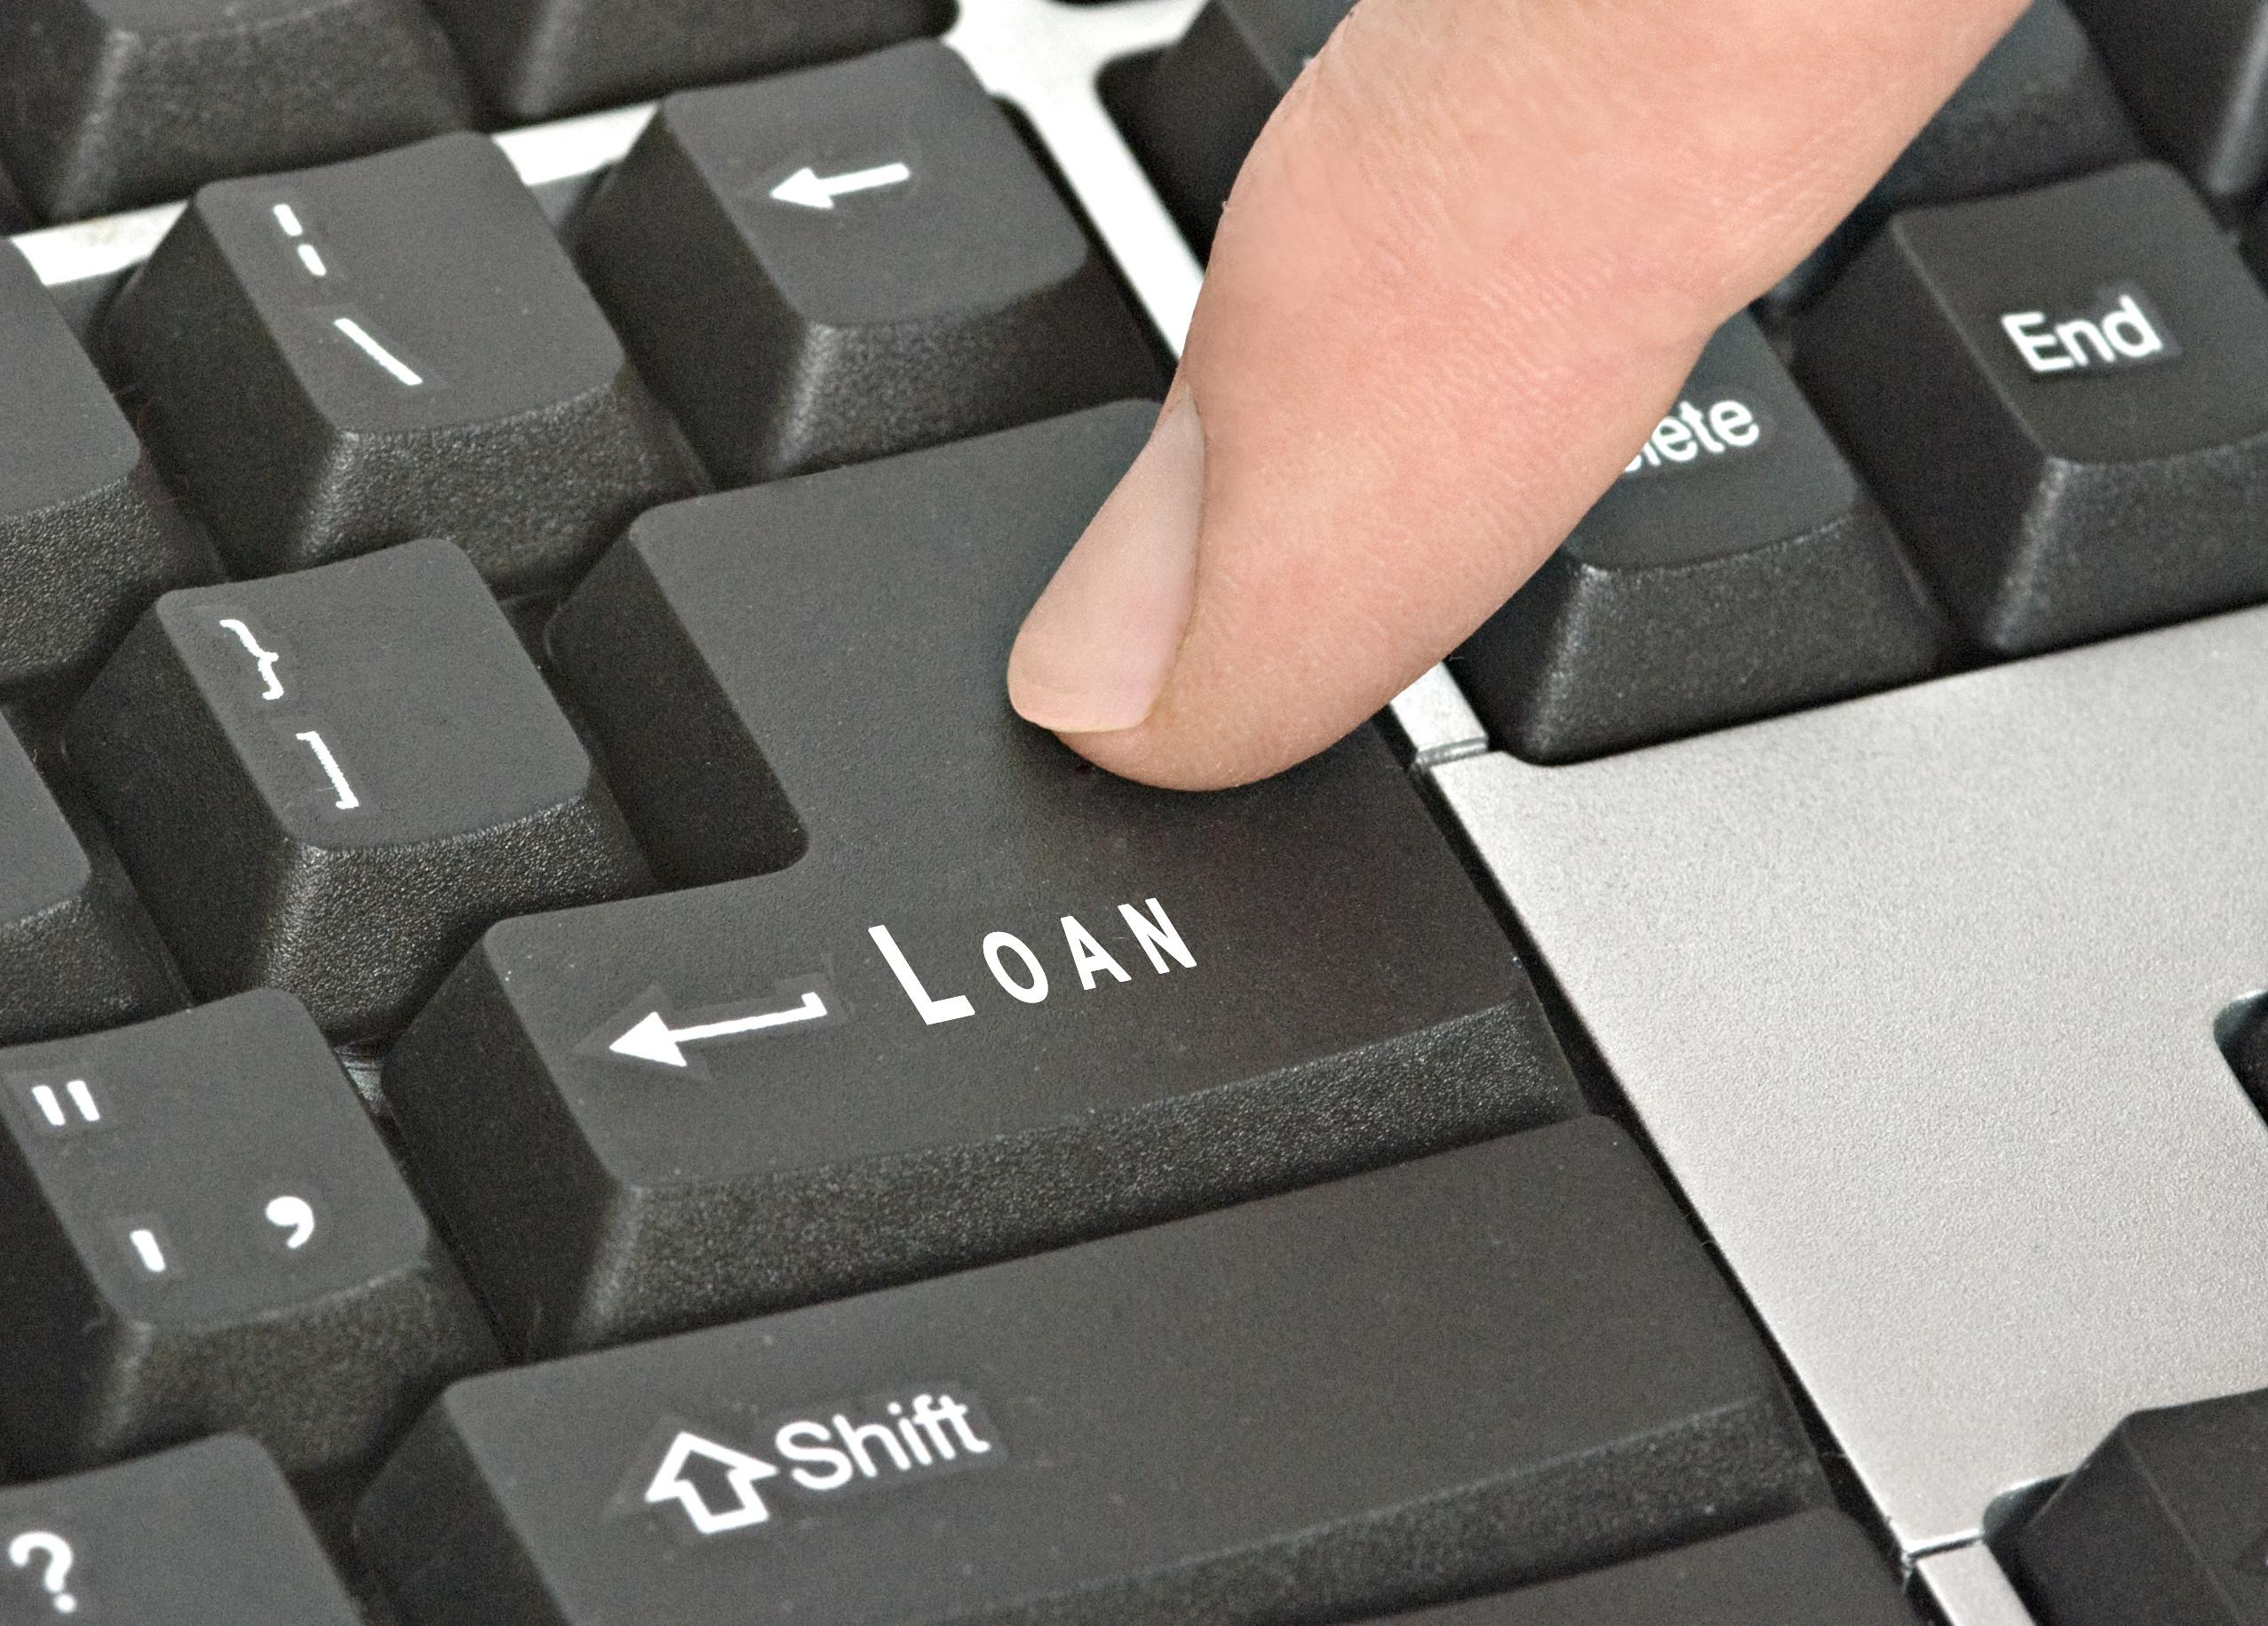 Лесно и бързо кандидатстване за заем, ако имаме проблеми със своя бюджет